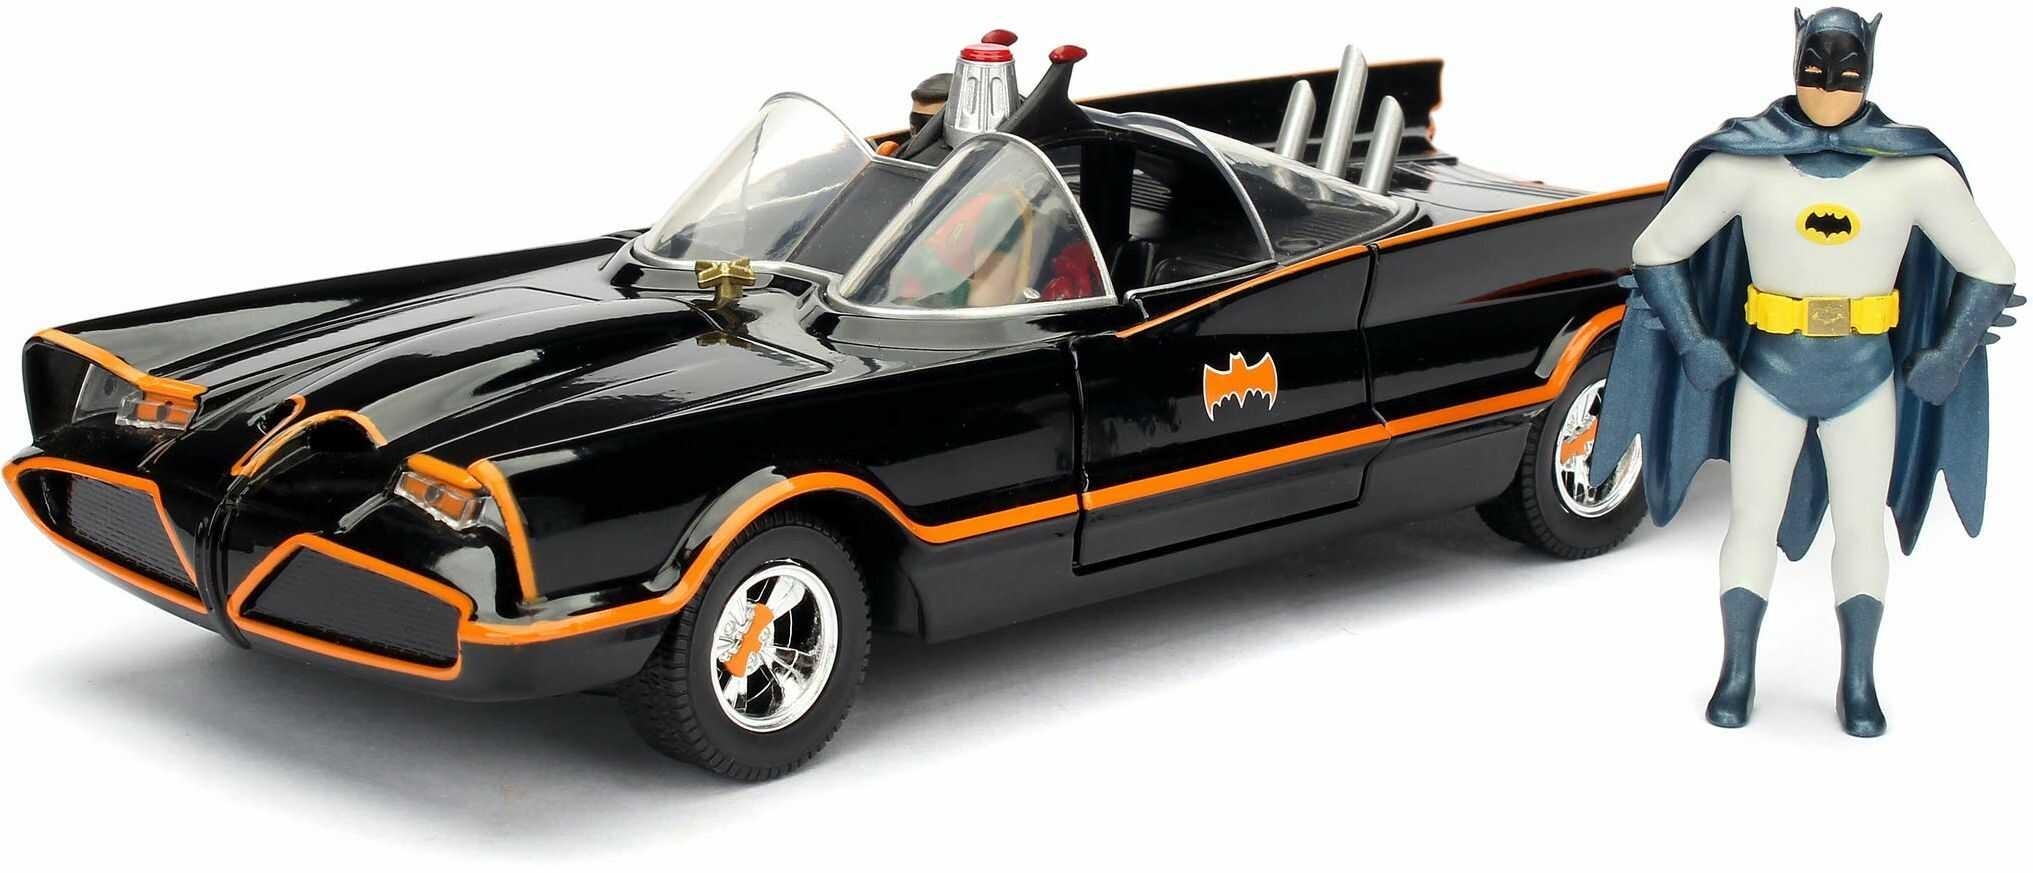 Jada Zabawki 253215001 Batmóvil coche metal 1966 klasyczna seria TV con figura 1:24 Batman-1966 Batmobile, czarny